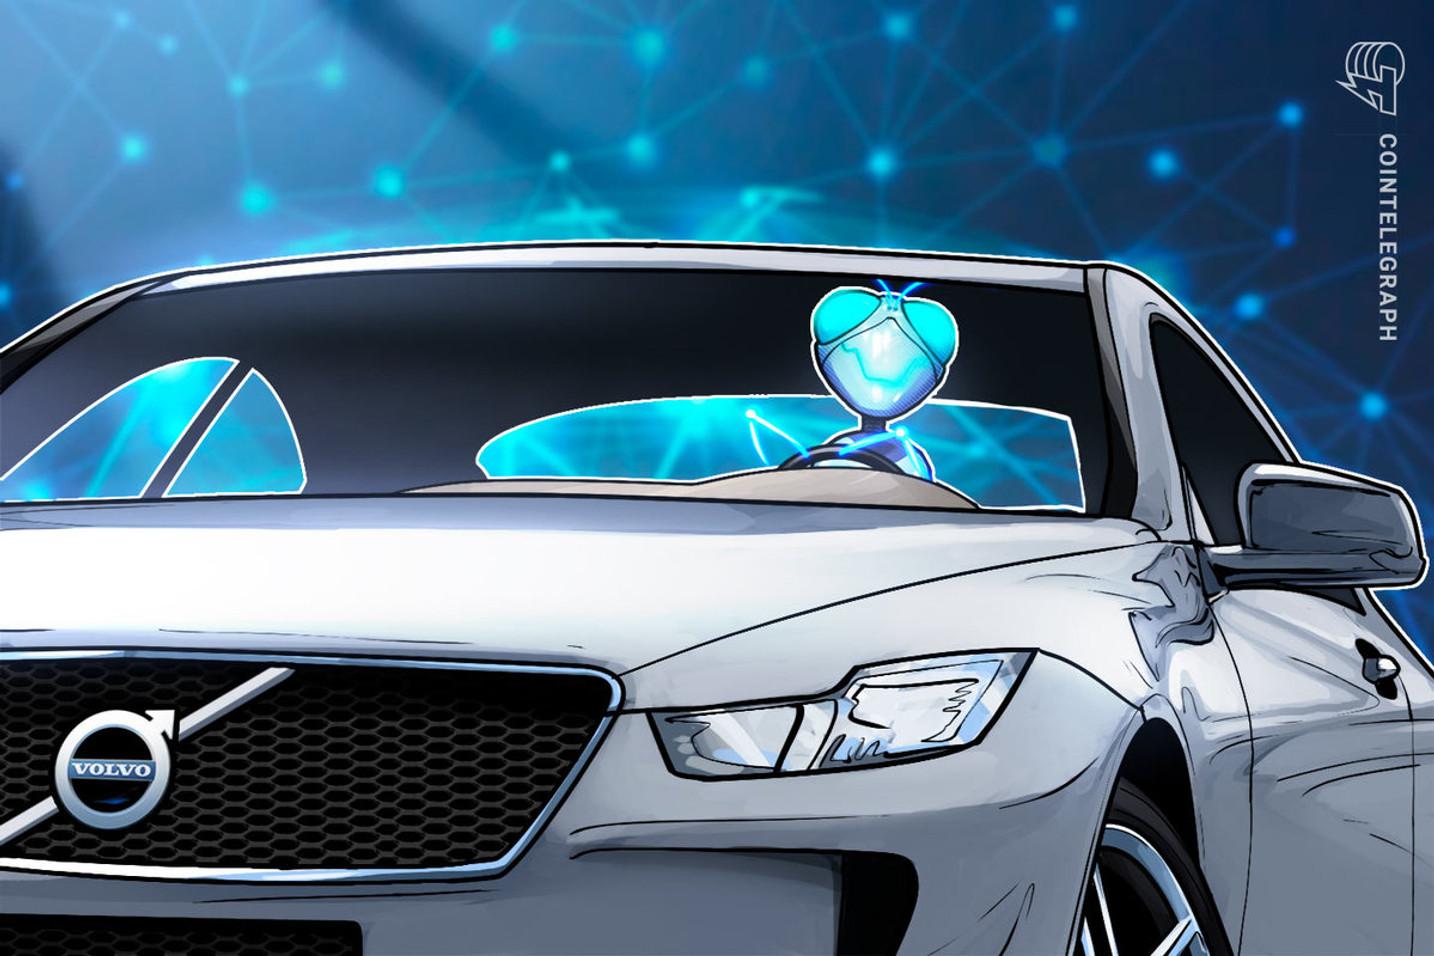 Volvo će koristiti kobalt koji se može pratiti na blokčeinu u svojim električnim automobilima